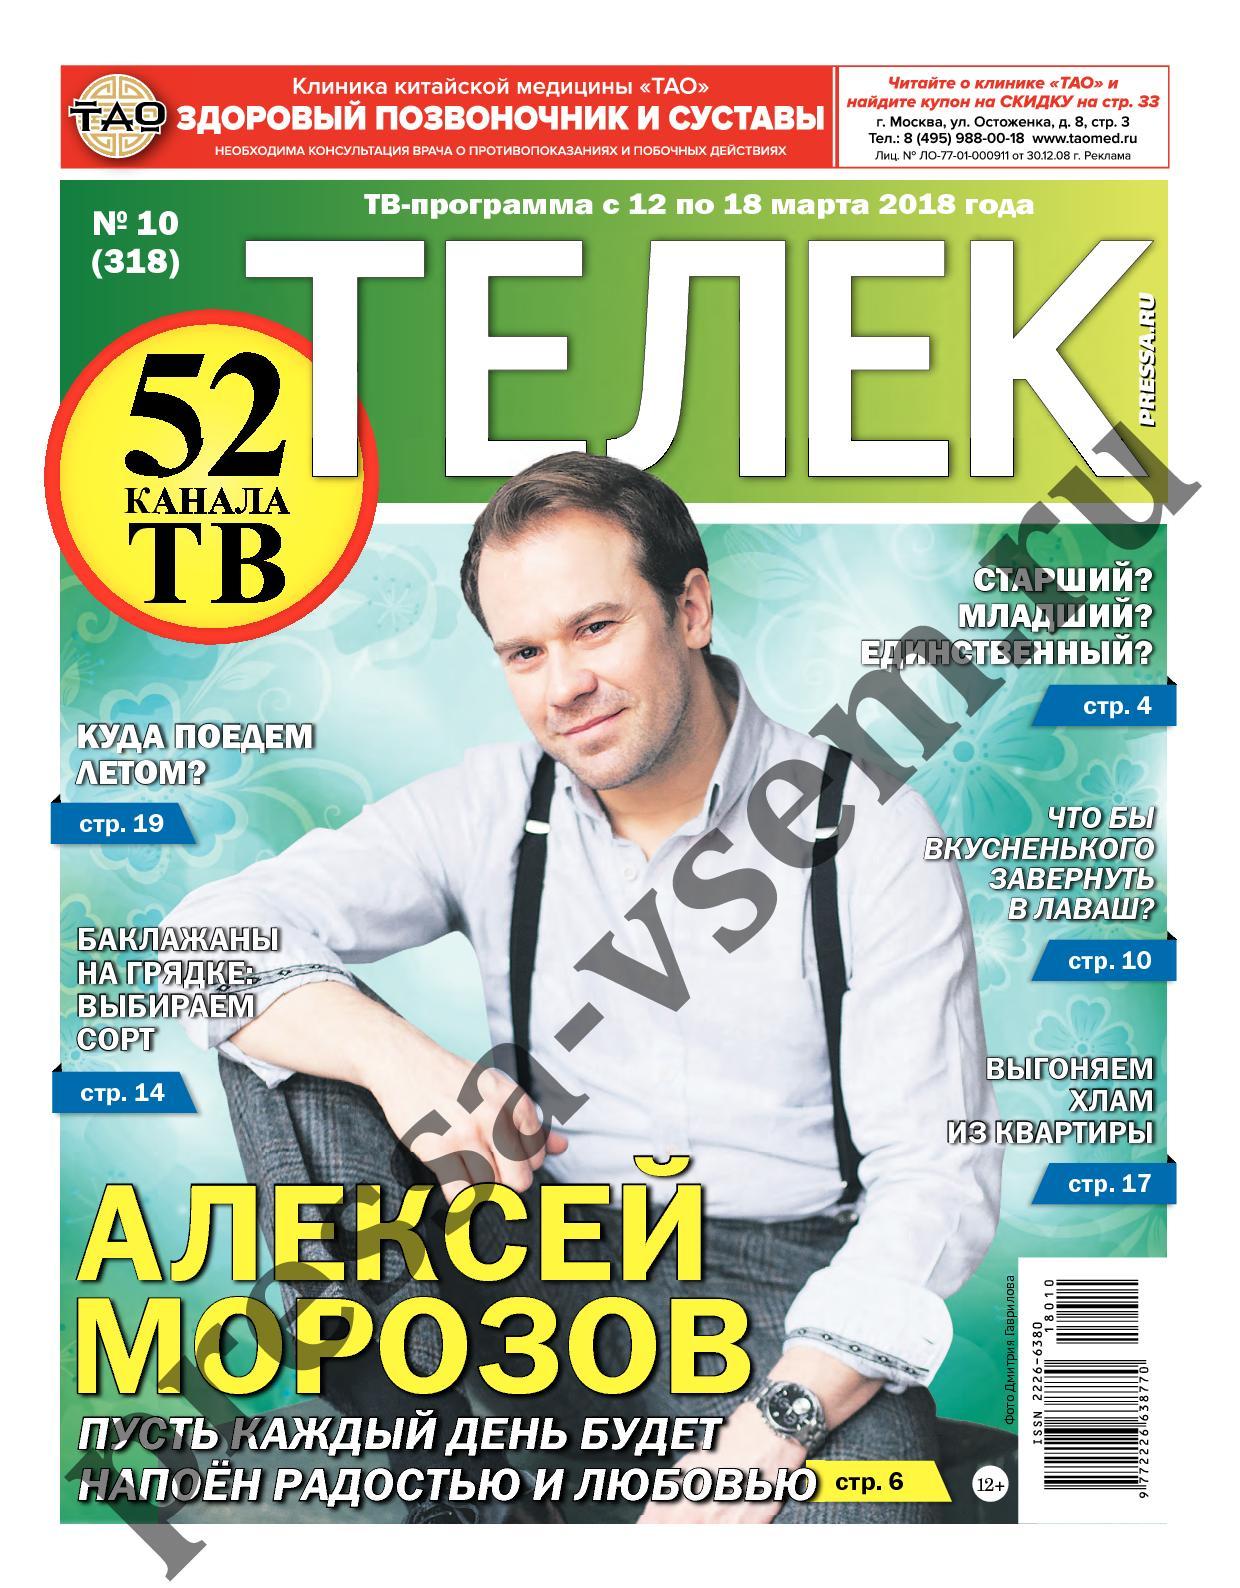 tolstie-appetitnie-lyazhki-teti-tamari-fotkaetsya-golaya-pered-zerkalom-v-vannoy